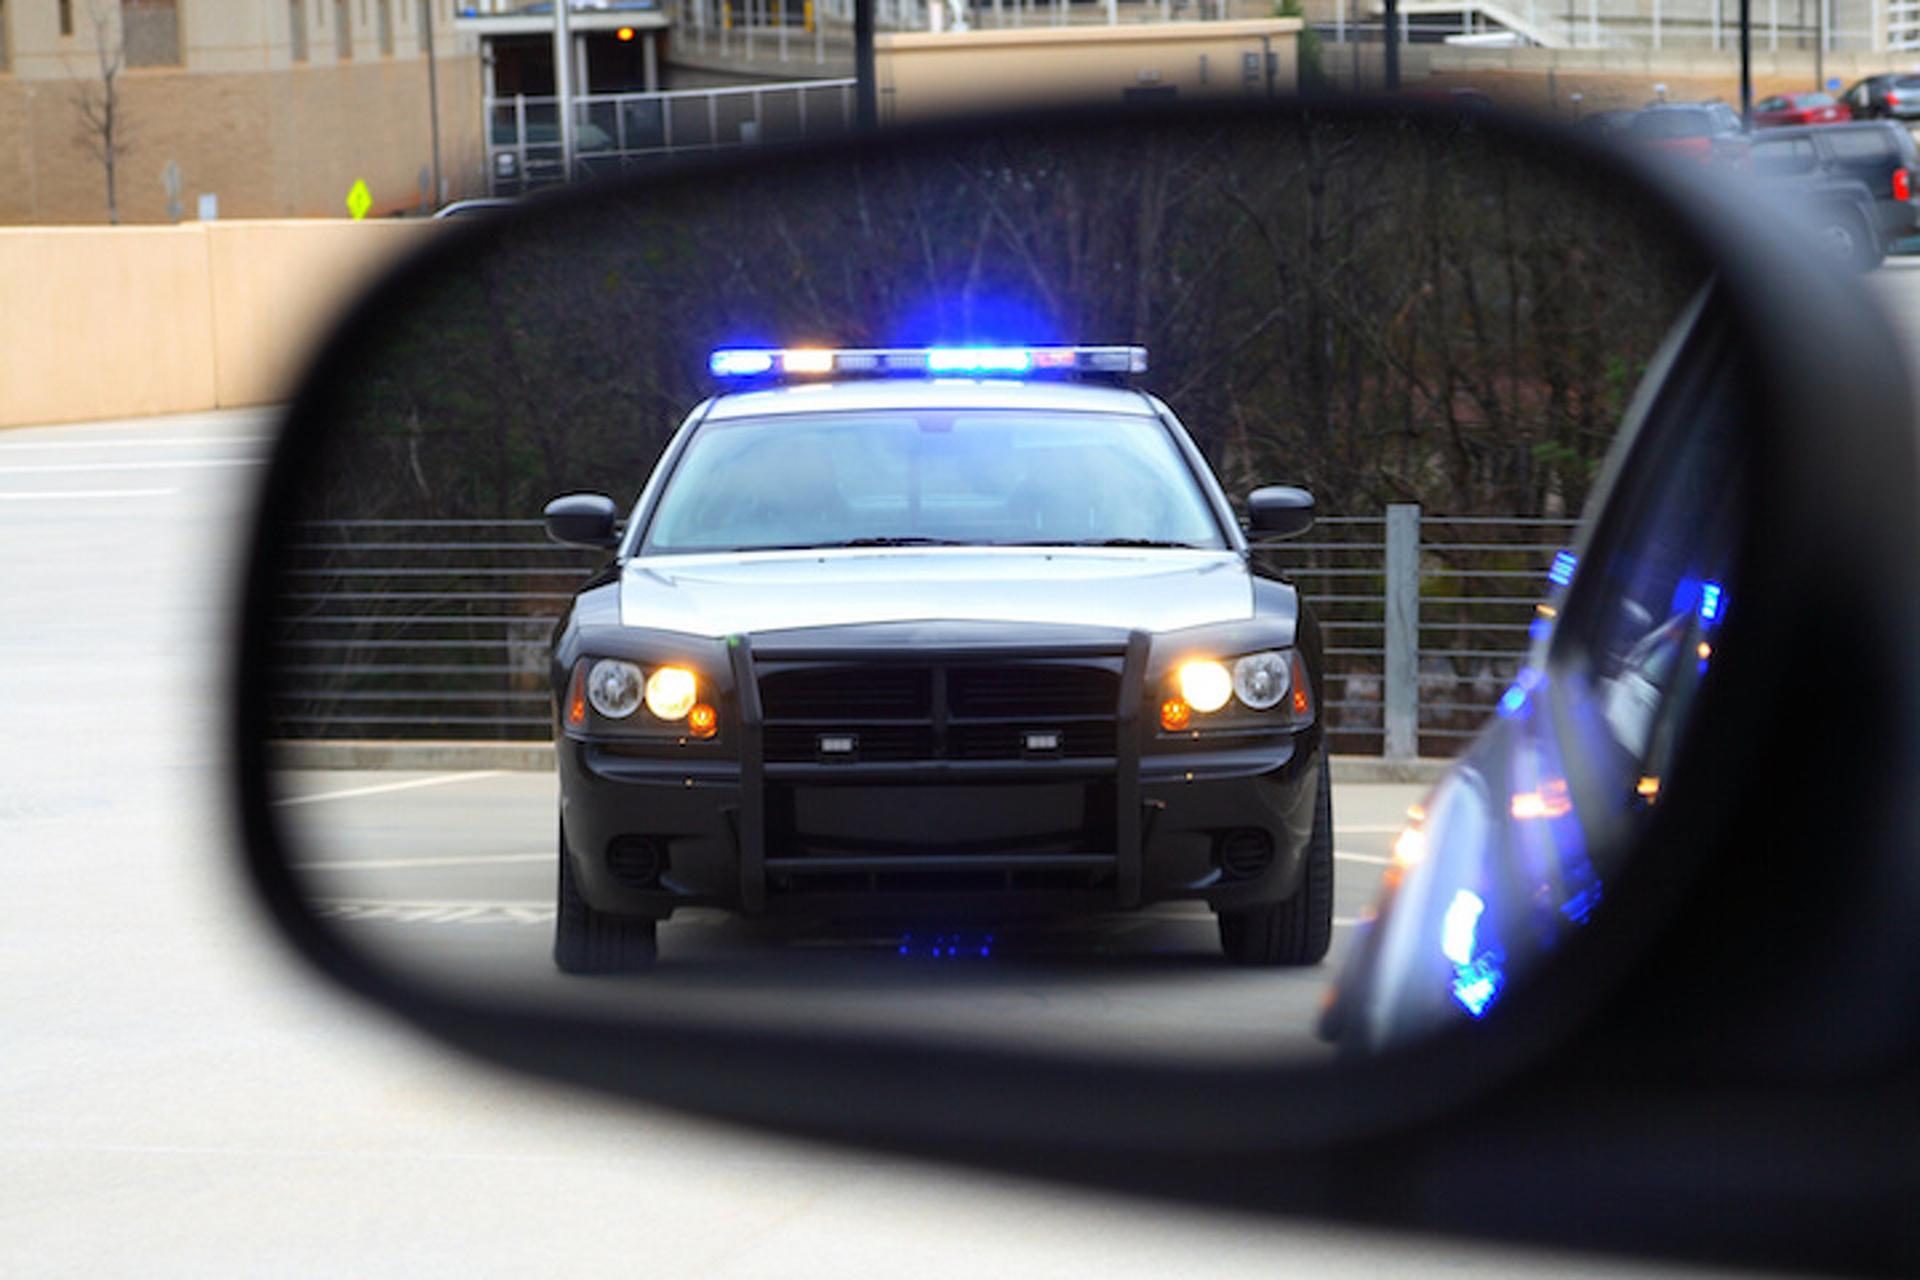 Imagem de Confira a patente de carro policial autônomo registrada pela Ford no tecmundo